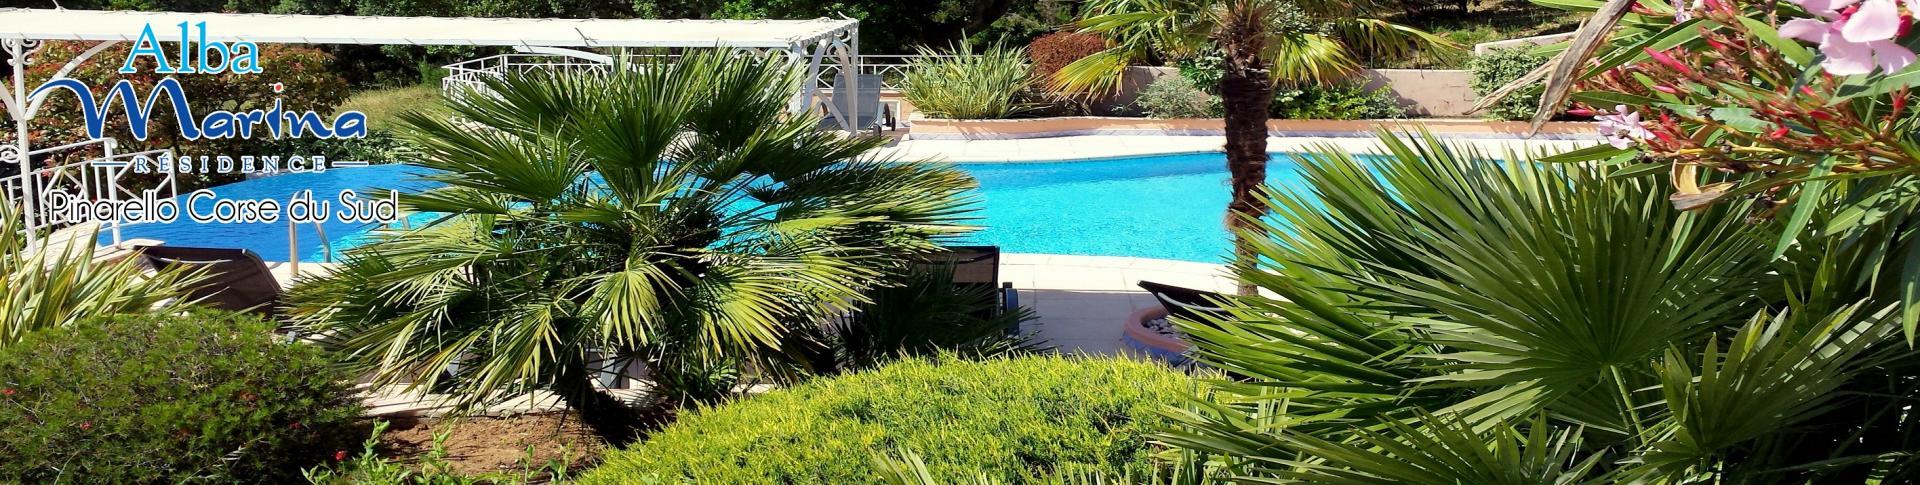 Location avec piscine et vue mer porto vecchio